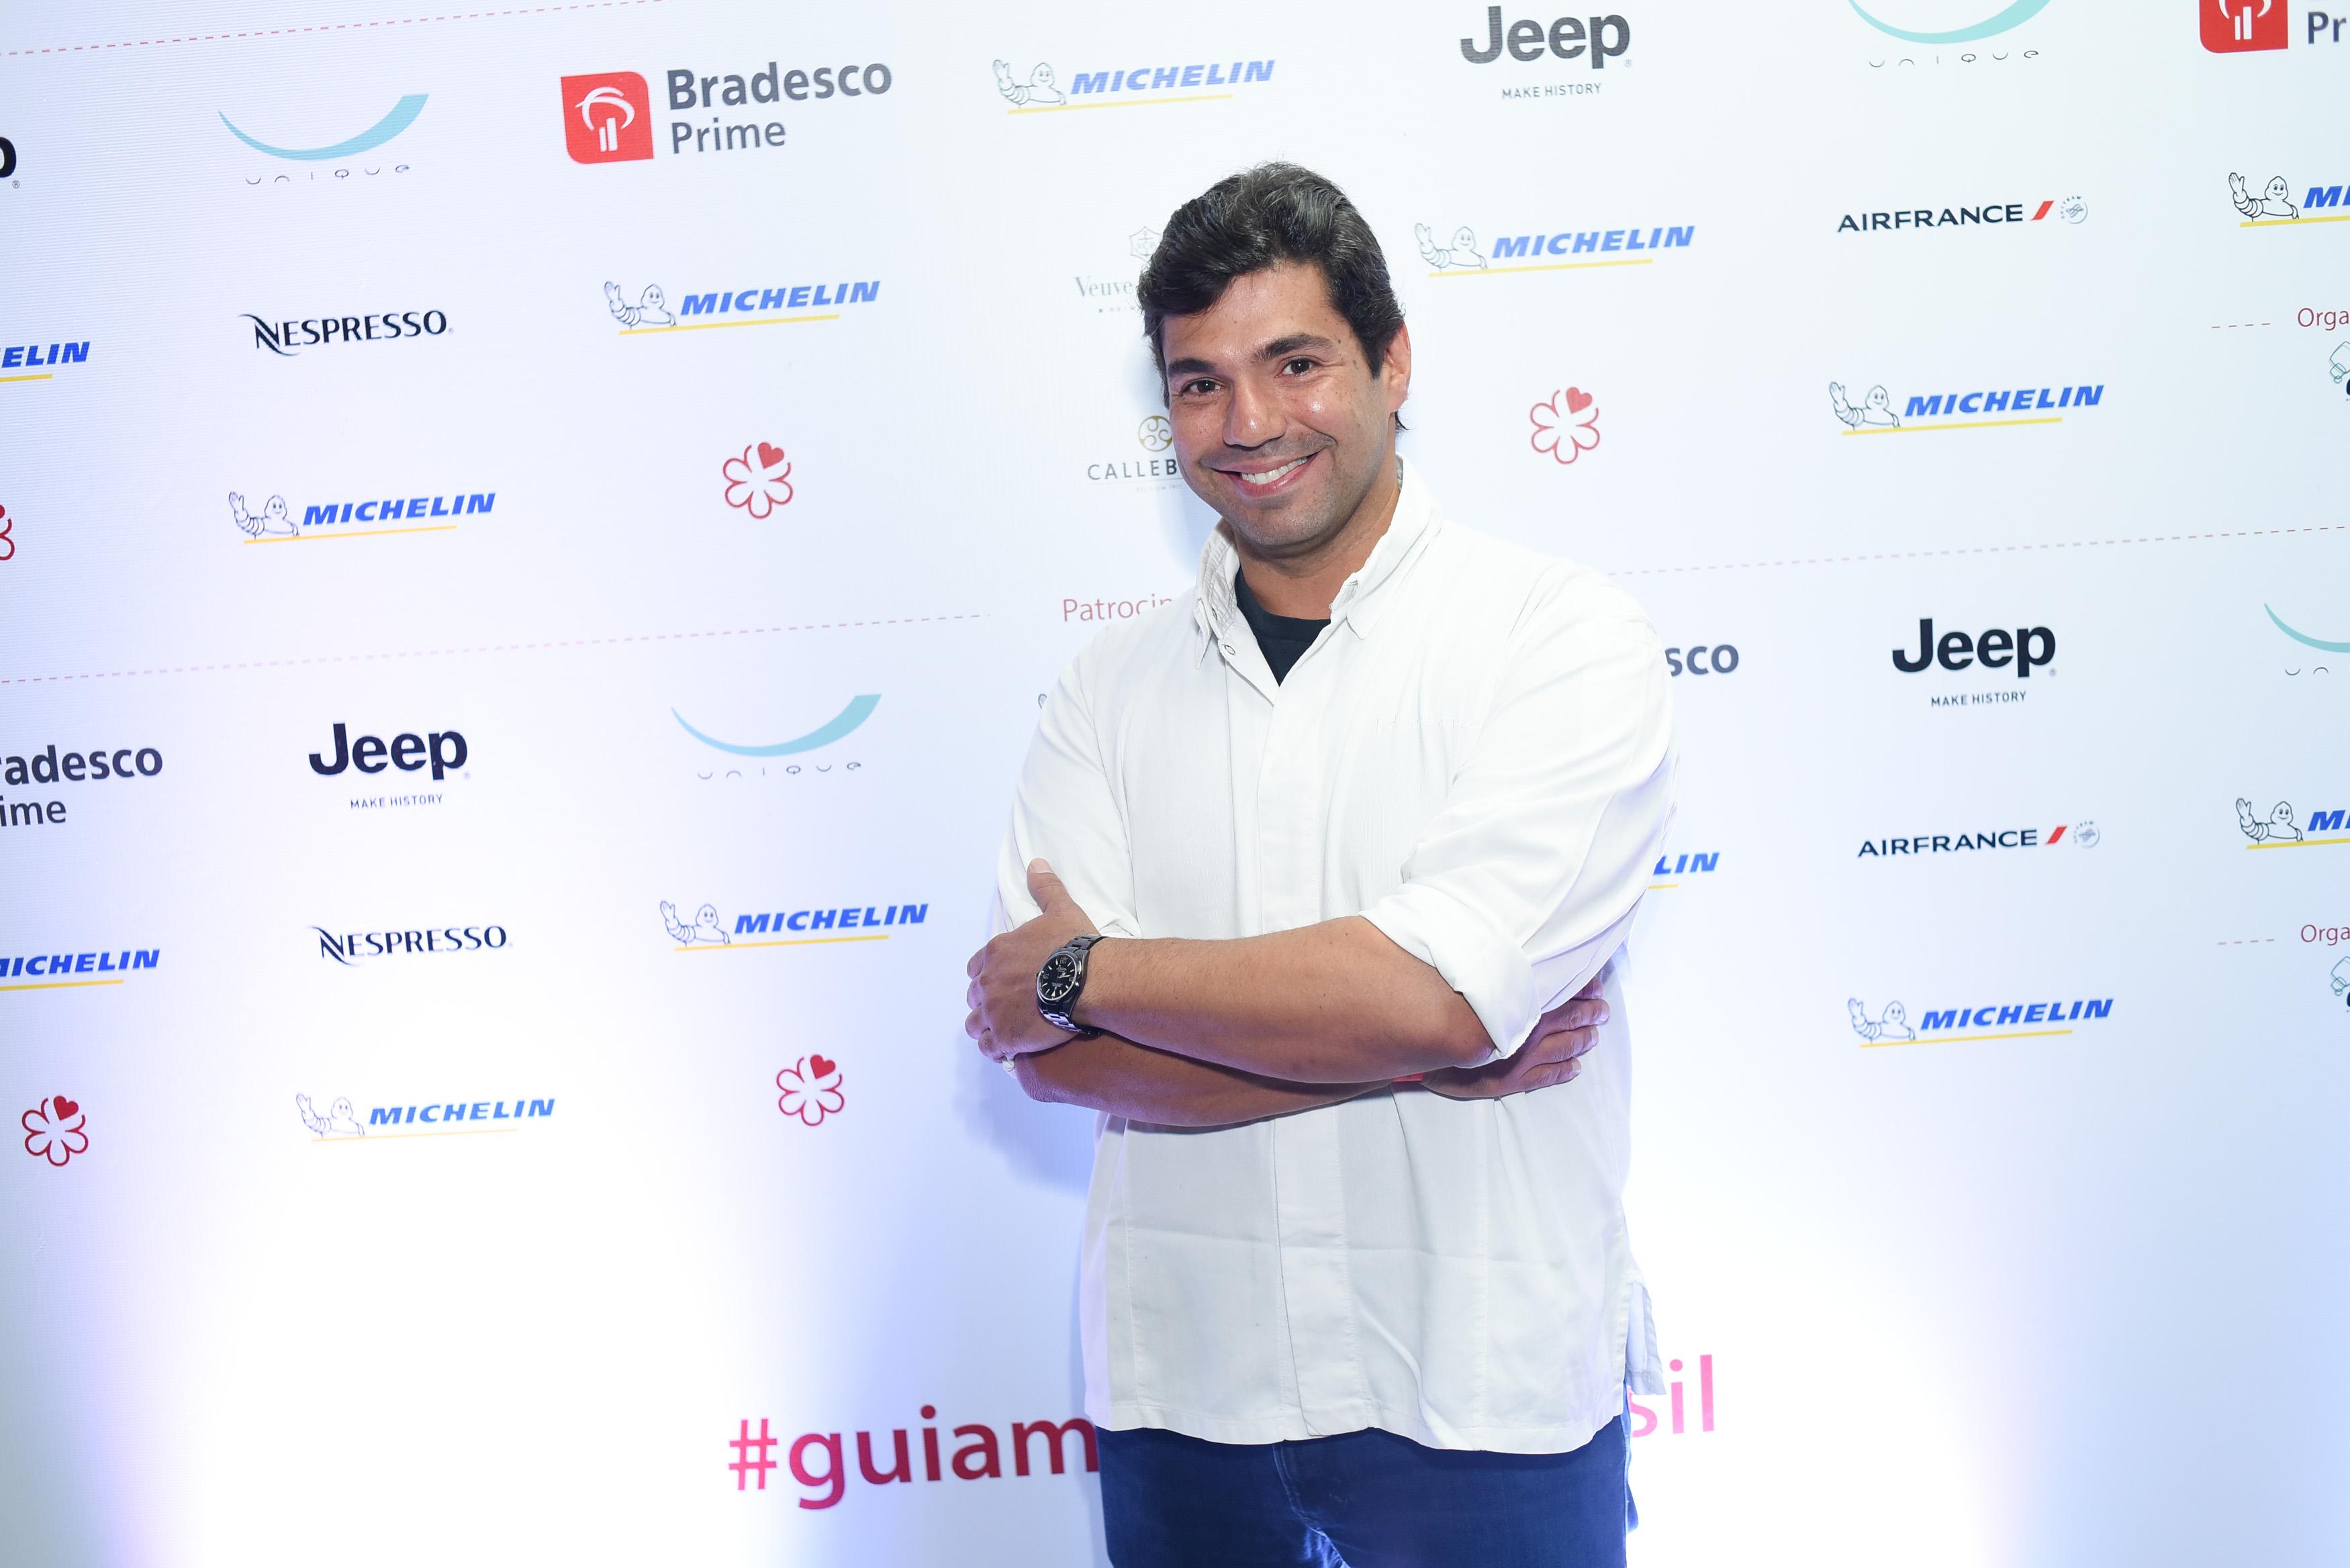 Guia Michelin Rio de Janeiro e São Paulo 2018 - Felipe Bronze - ORO